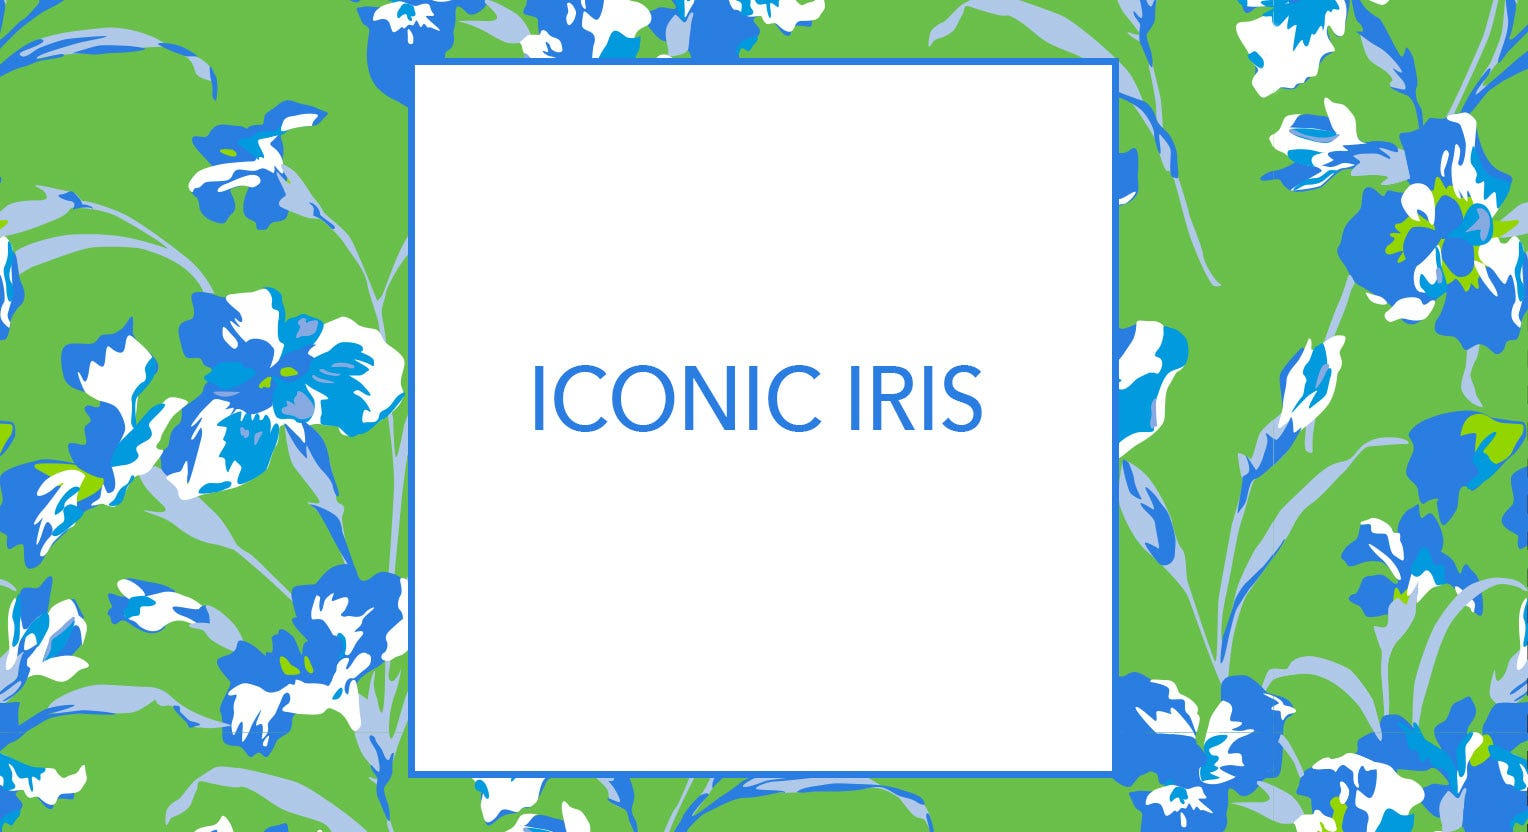 Iconic Iris